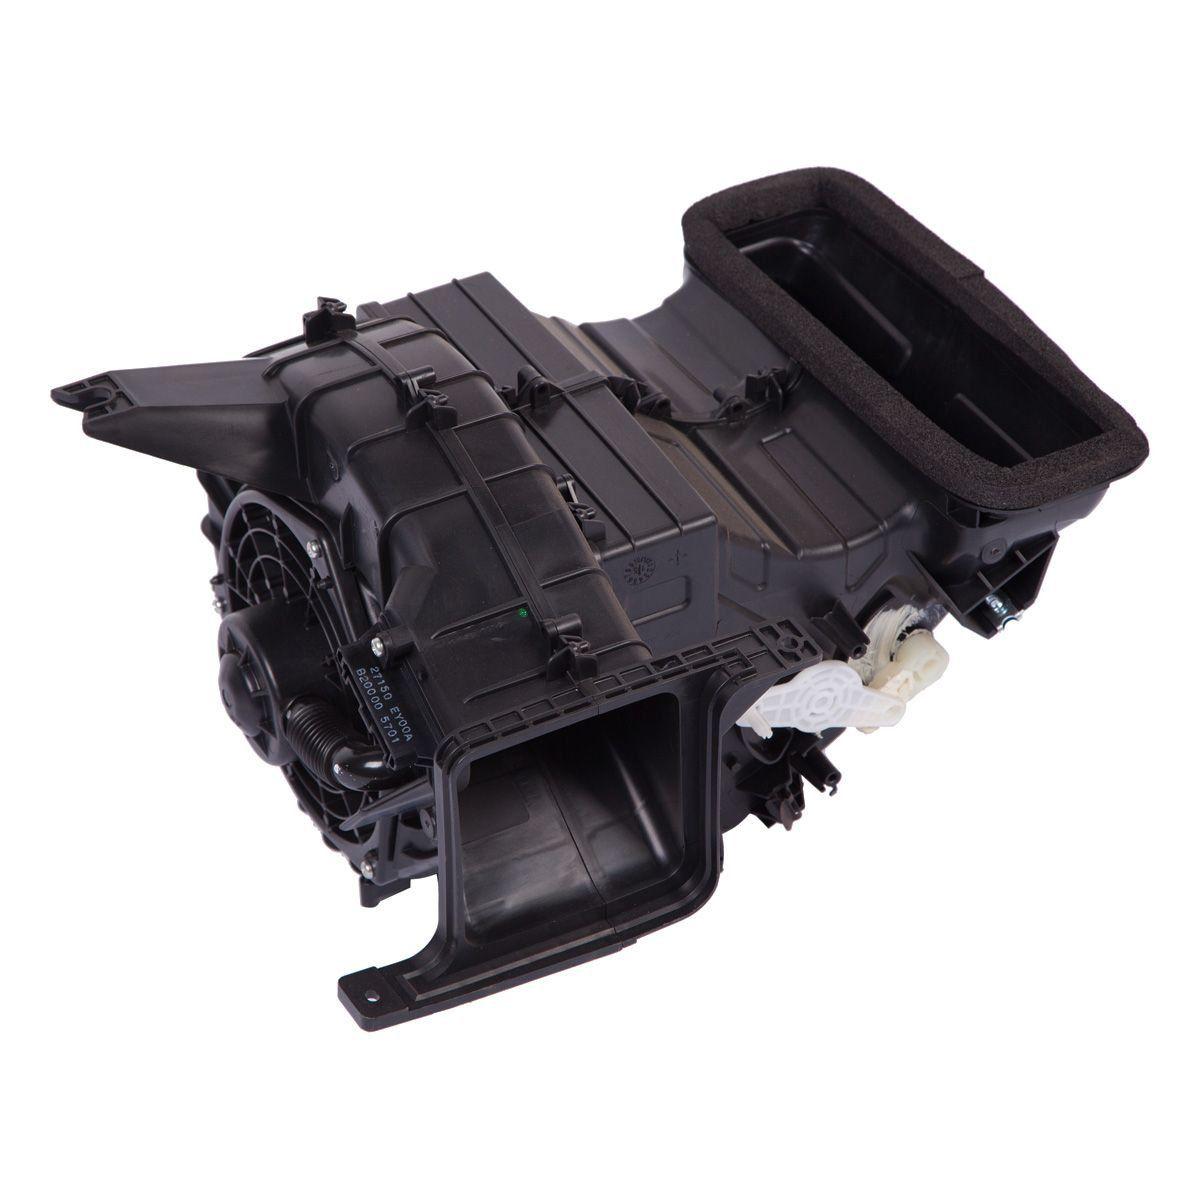 Motor da ventilacao interna (c/ a/c) - Trailblazer de 2012 a 2017